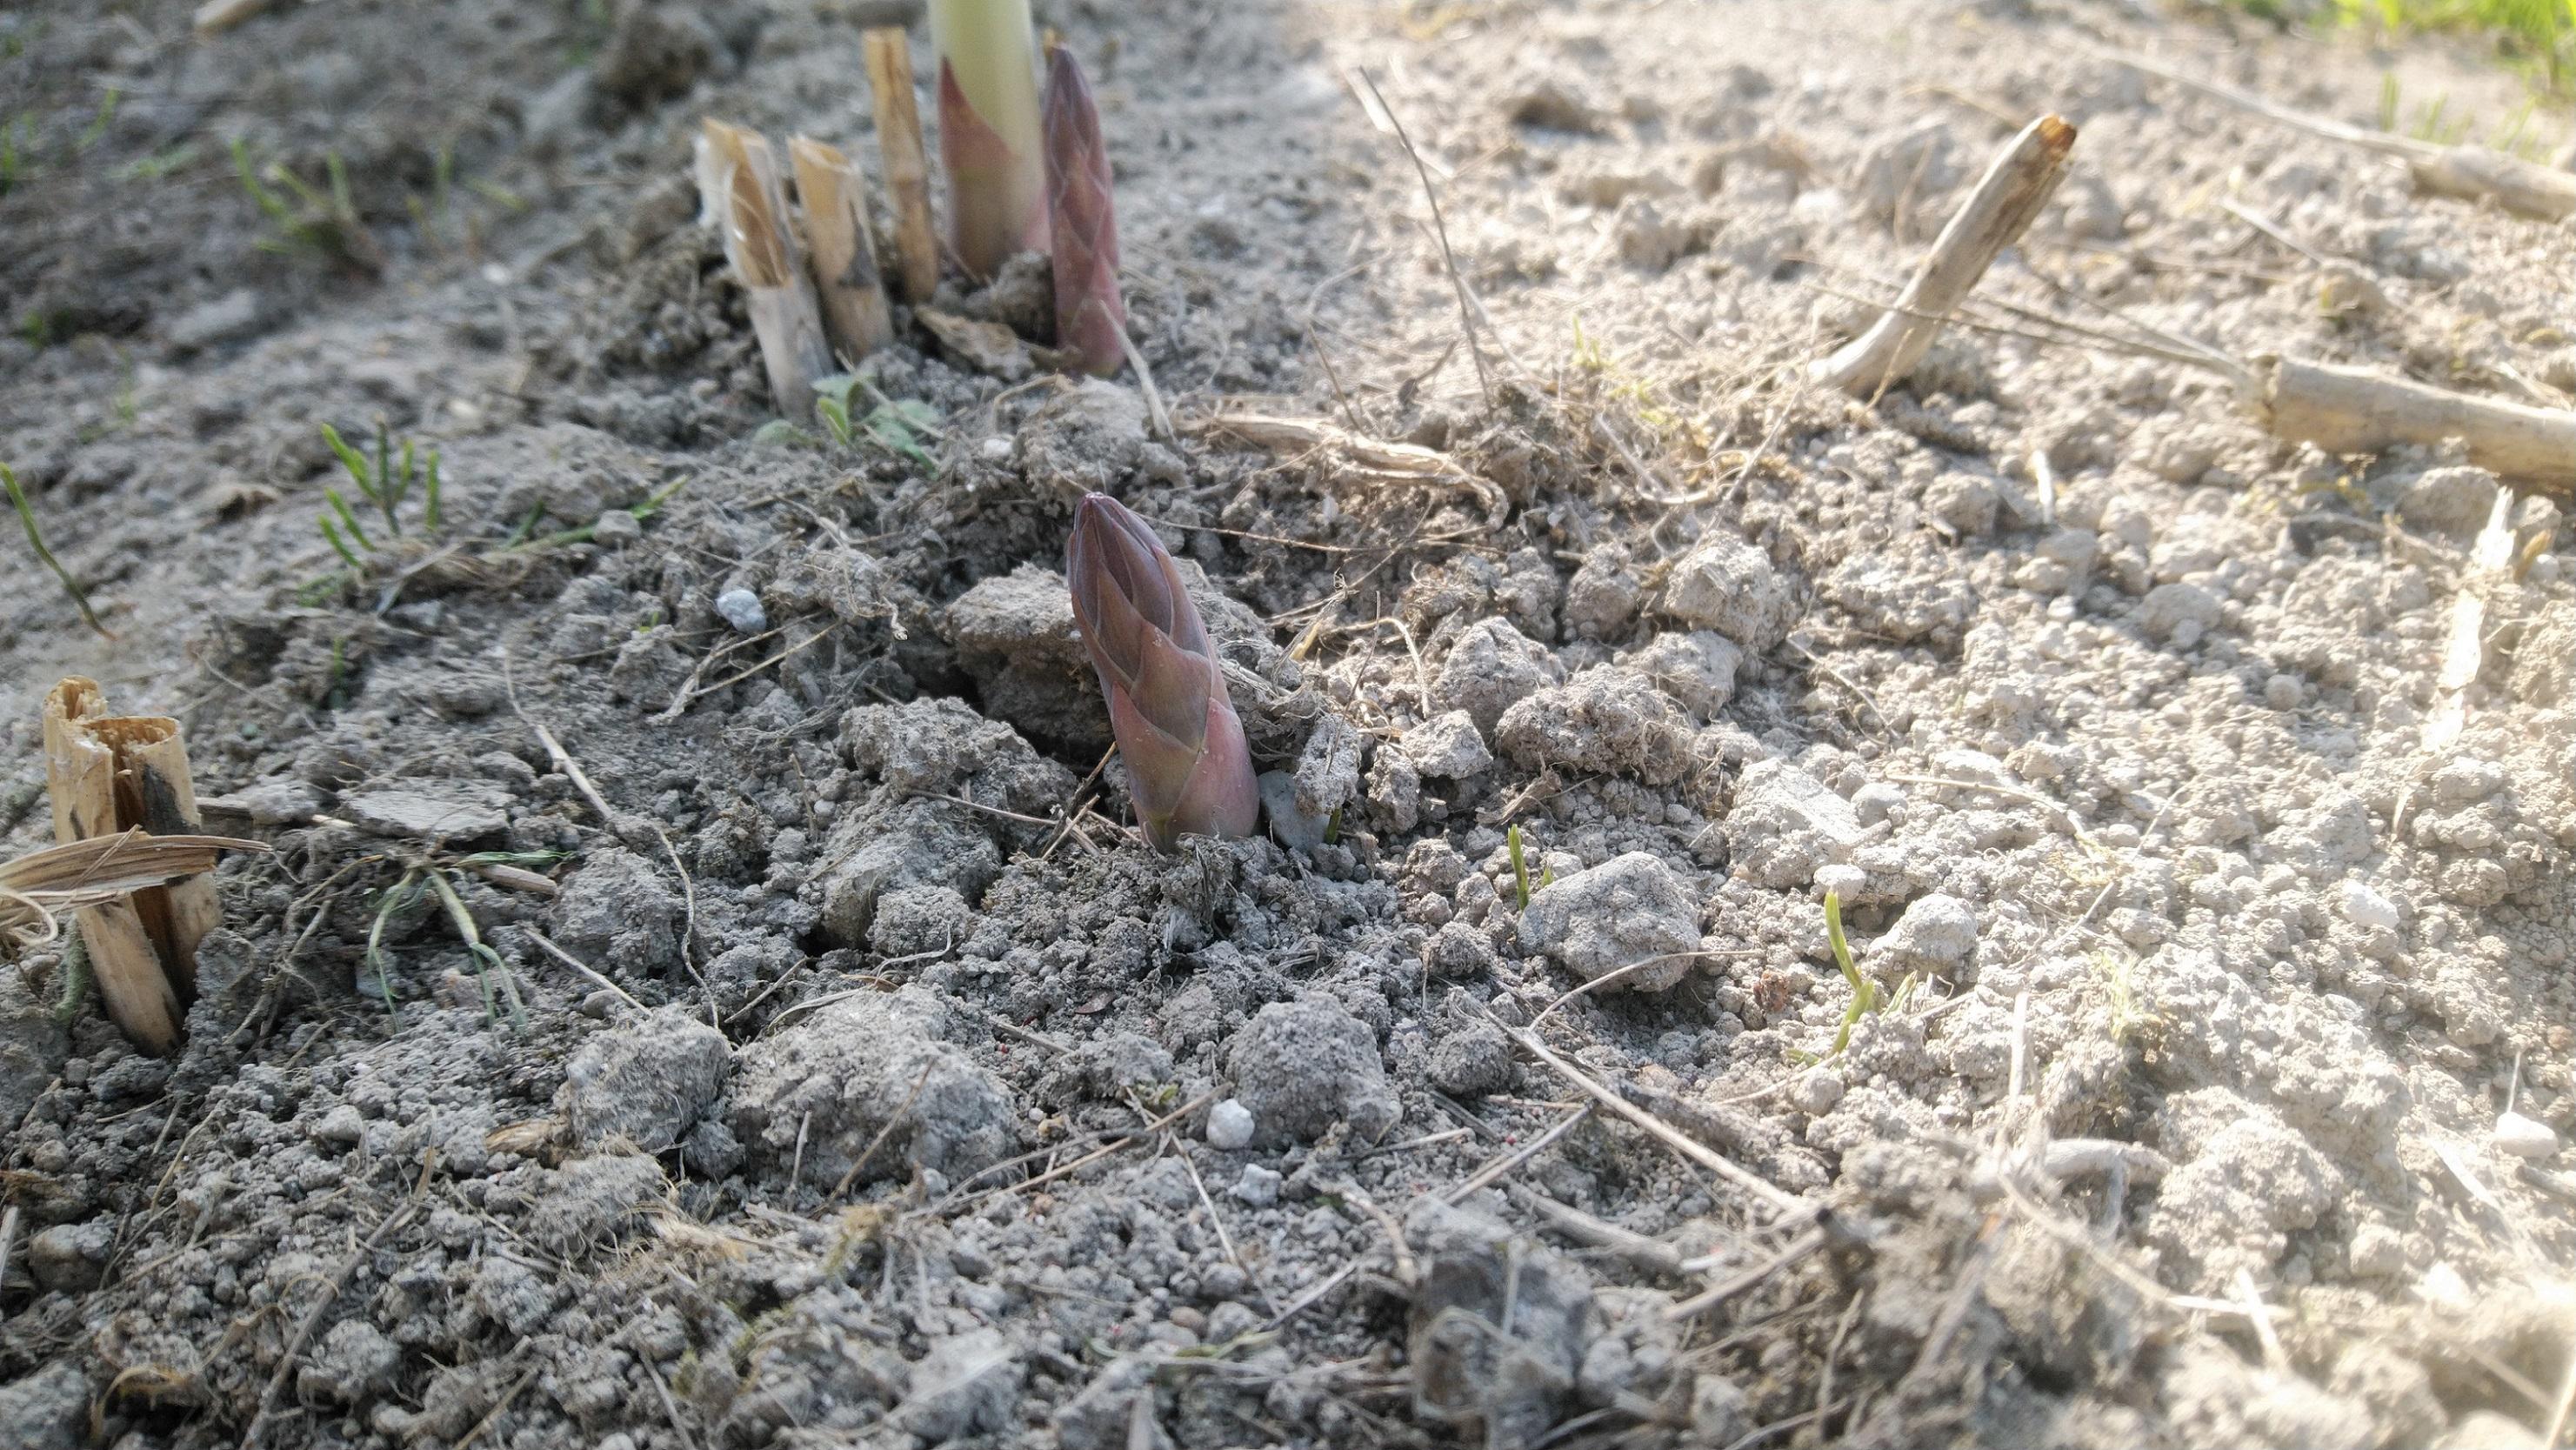 萌芽が出たアスパラガス